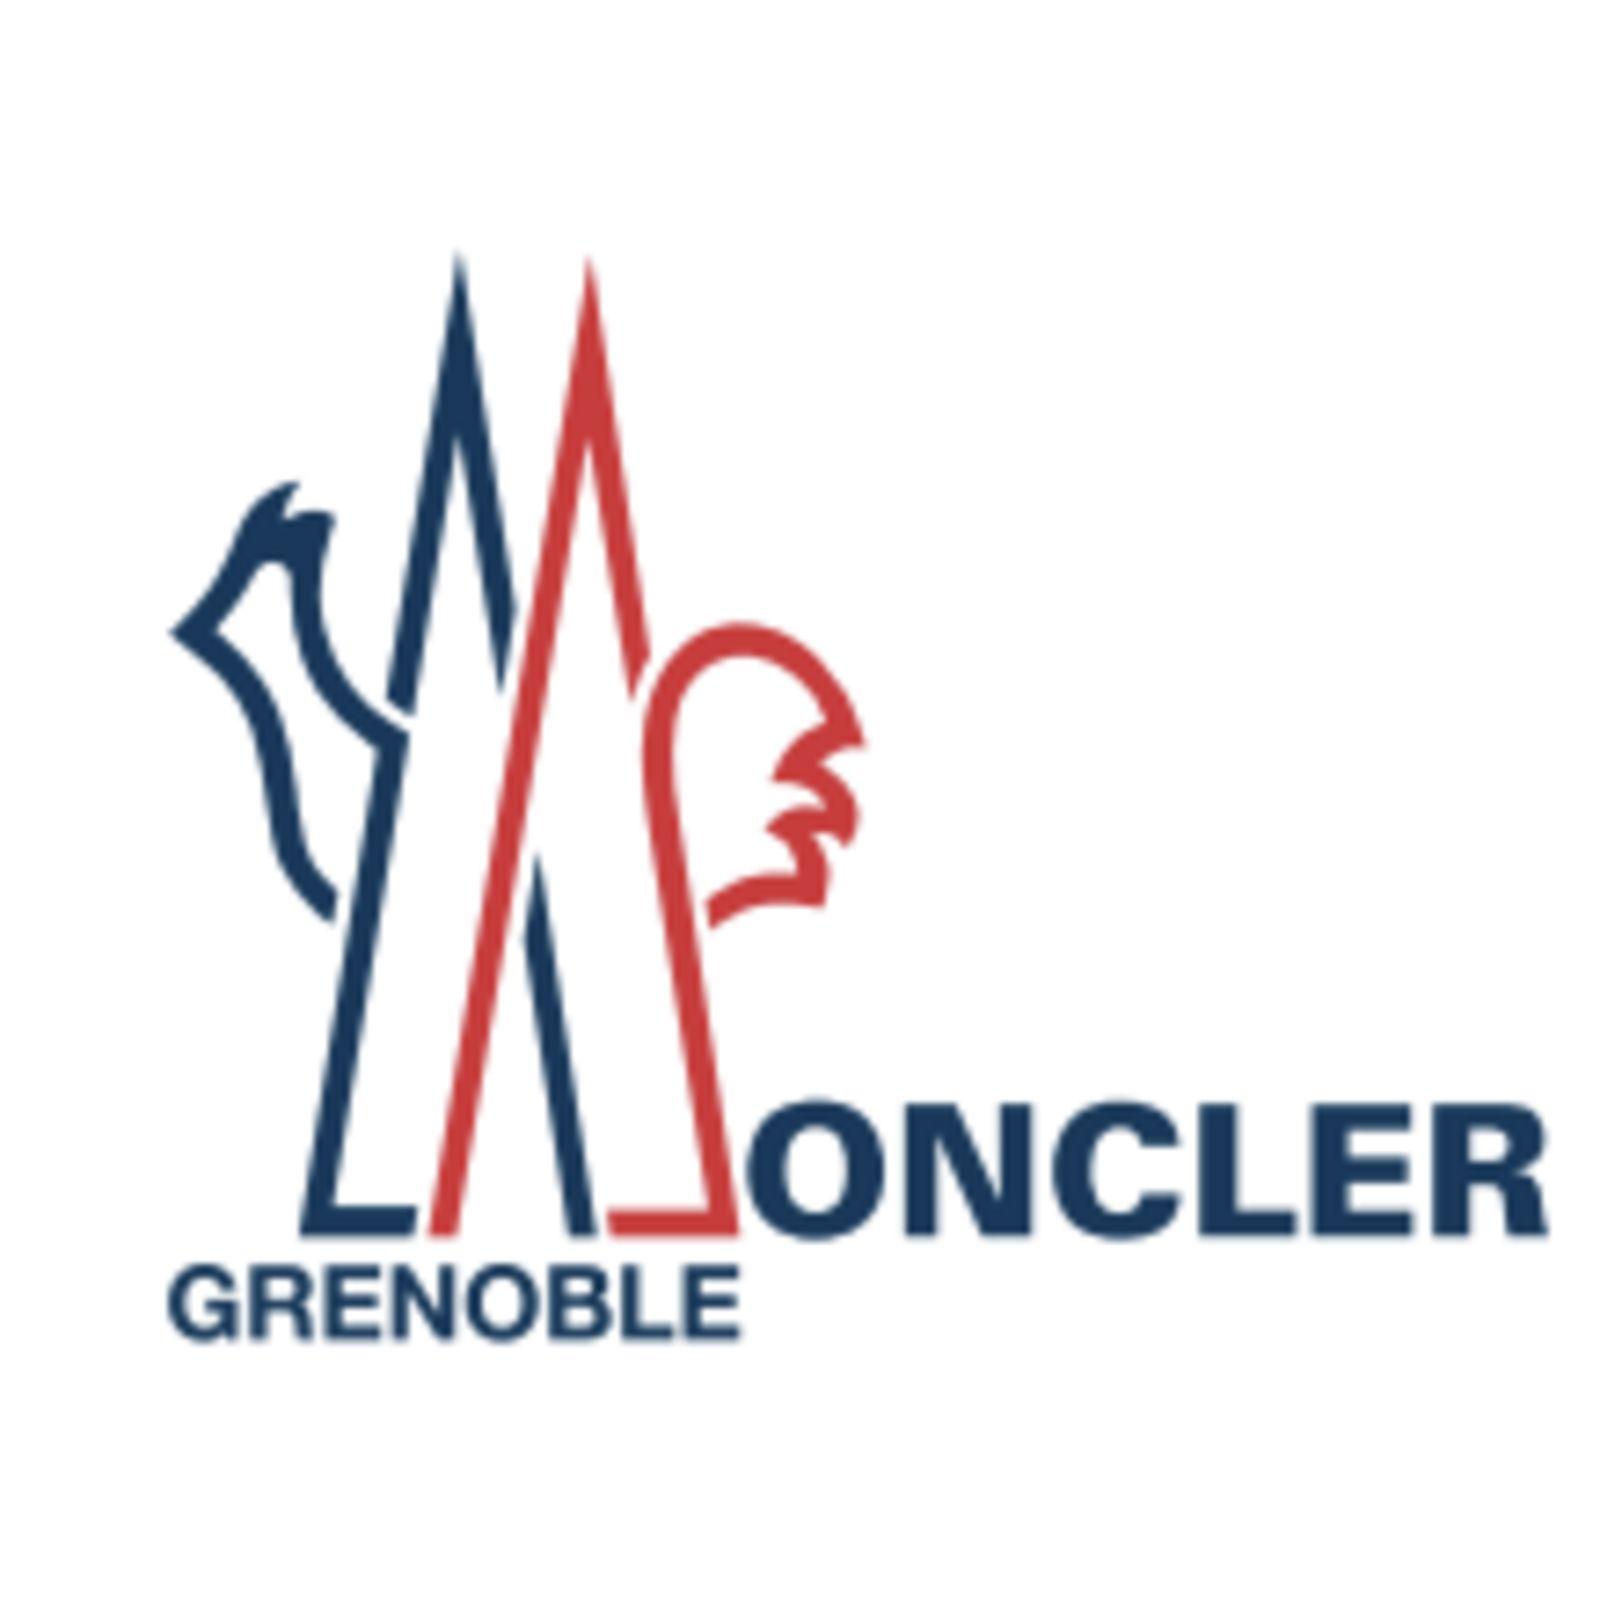 MONCLER GRENOBLE (Imagen 1)